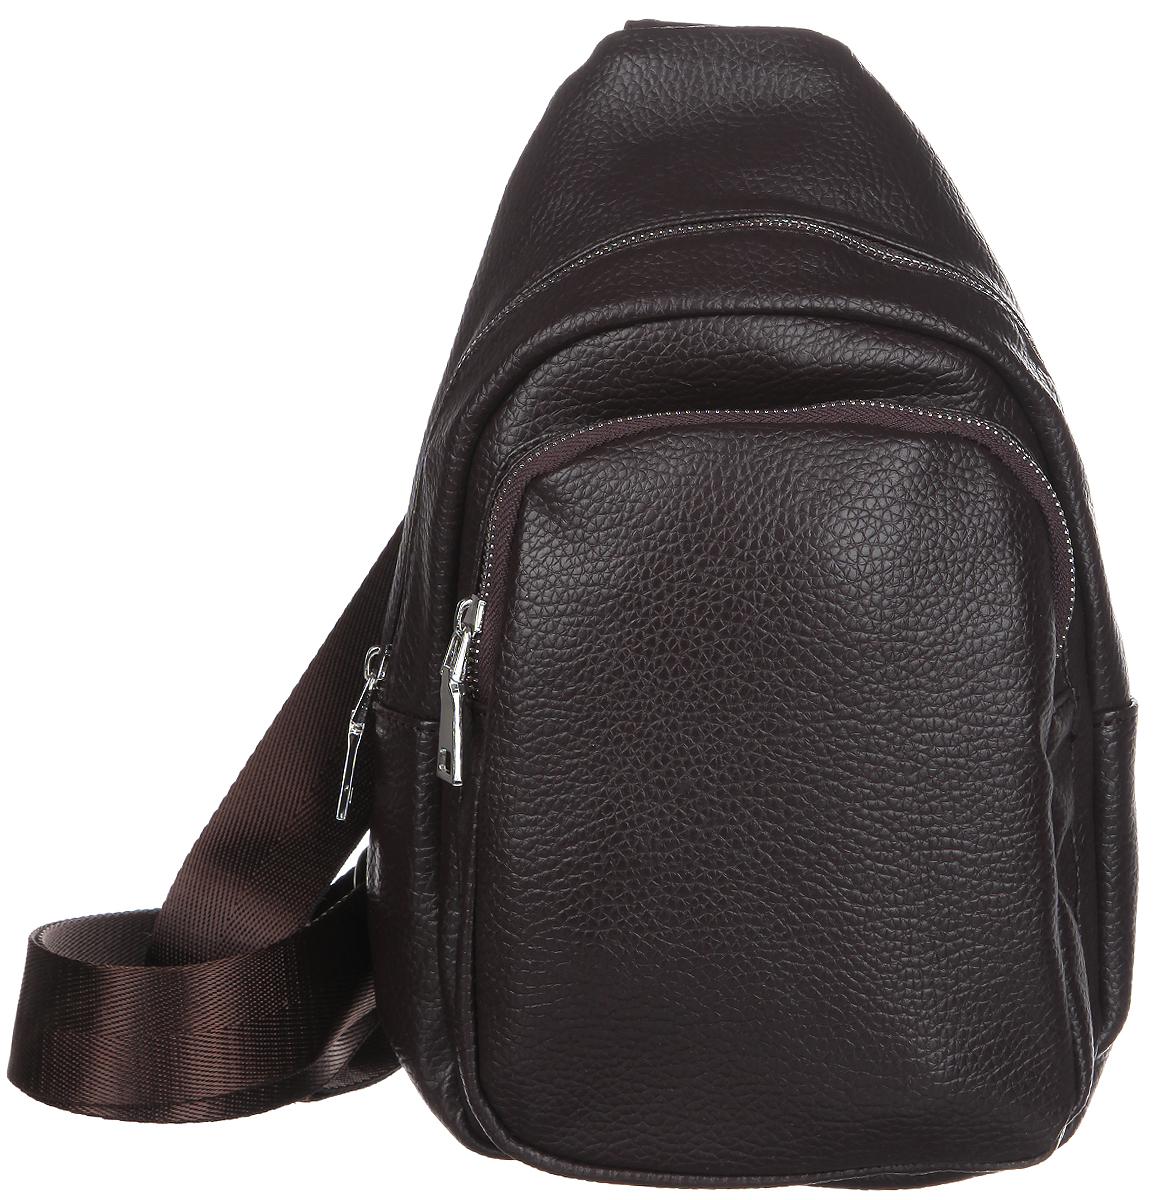 Сумка мужская Orsa Oro, цвет: темно-коричневый. D-232/55D-232/55Мужская сумка Orsa Oro выполнена из экокожи темно-коричневого цвета. Сумка имеет одно основное отделение, закрывающееся на застежку-молнию. Внутри - один накладной карман для телефона и мелких принадлежностей. На лицевой стороне сумки расположен вшитый карман на застежке-молнии. Для удобства предусмотрена актуальная ручка-лента регулируемой длины, что позволяет носить изделие как в руках, так и на плече. Такая сумка подчеркнет вашу яркую индивидуальность и оригинально дополнит ваш образ.